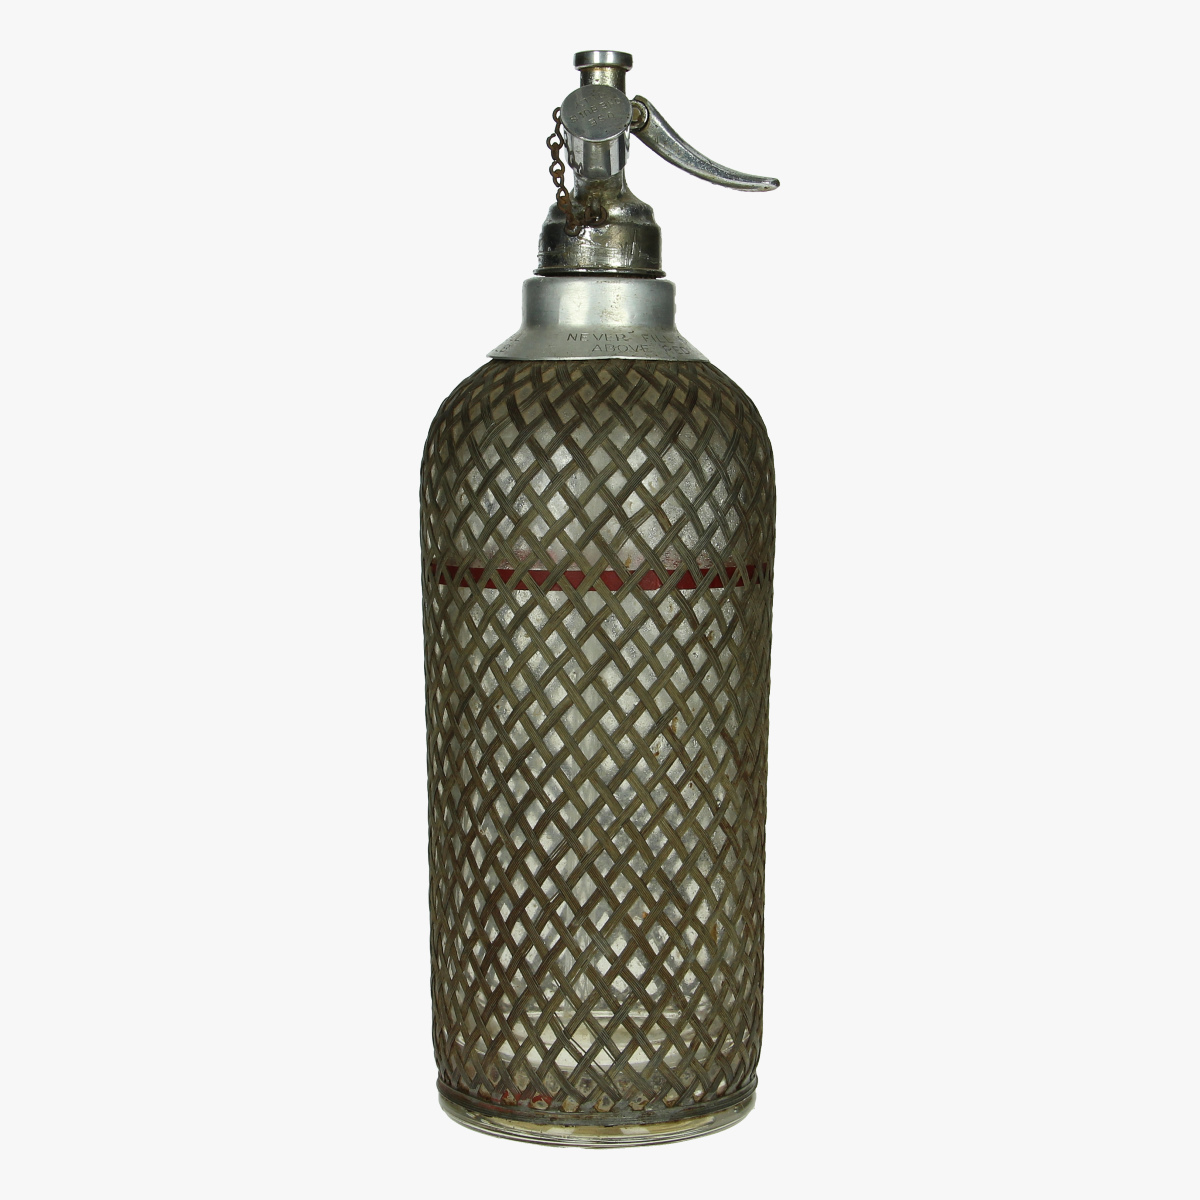 Afbeeldingen van oude soda fles made in england size c